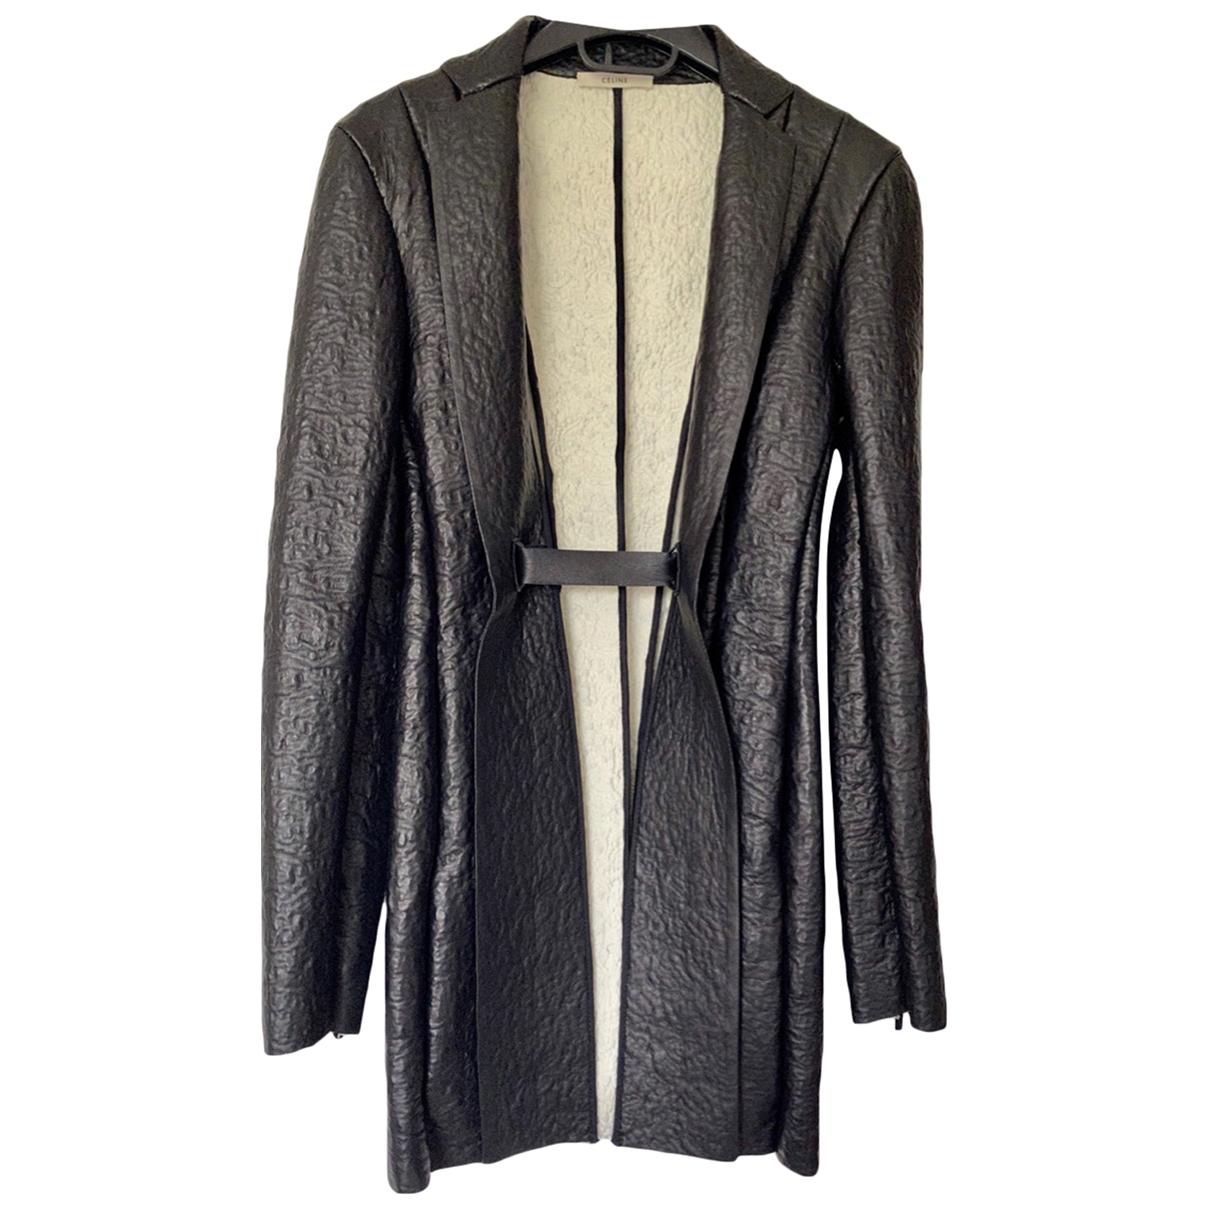 Celine \N Black Leather coat for Women 36 FR